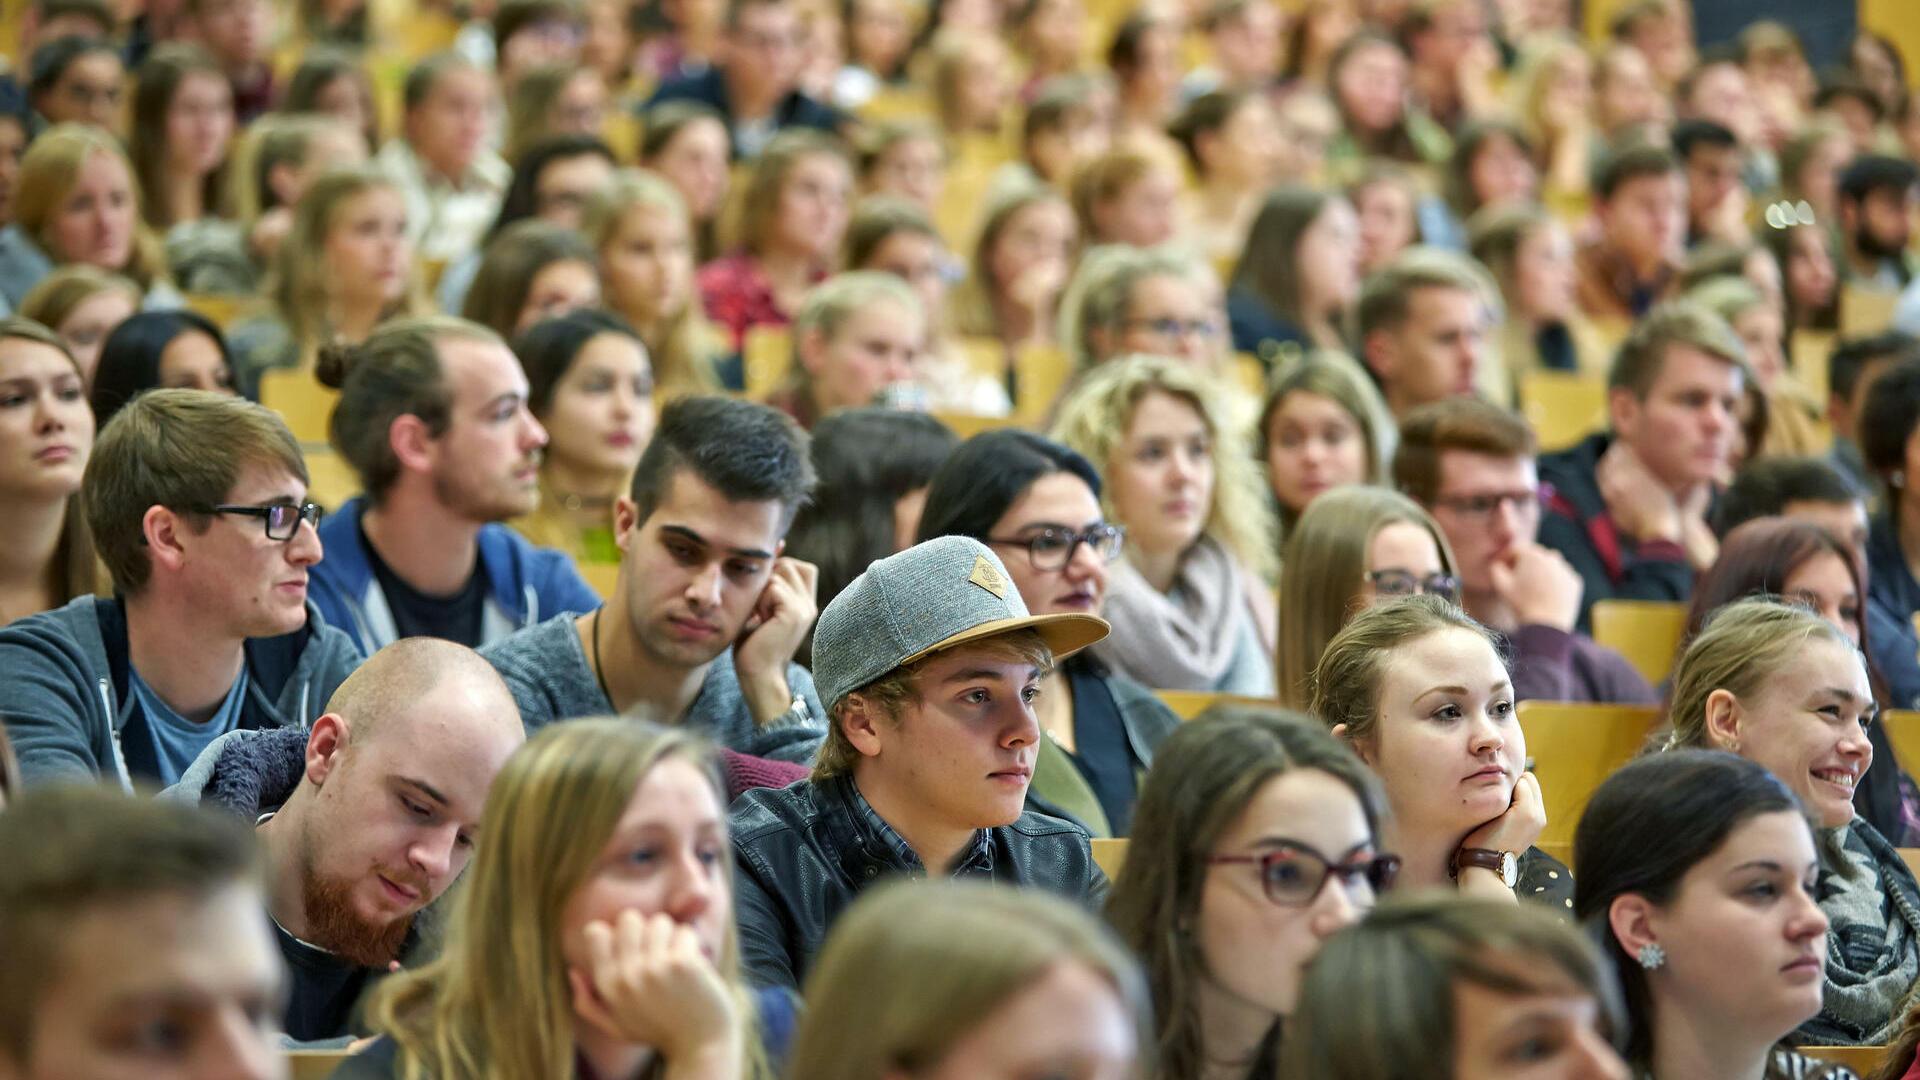 Schön Collegestudent Setzt Fort Ideen - Entry Level Resume Vorlagen ...